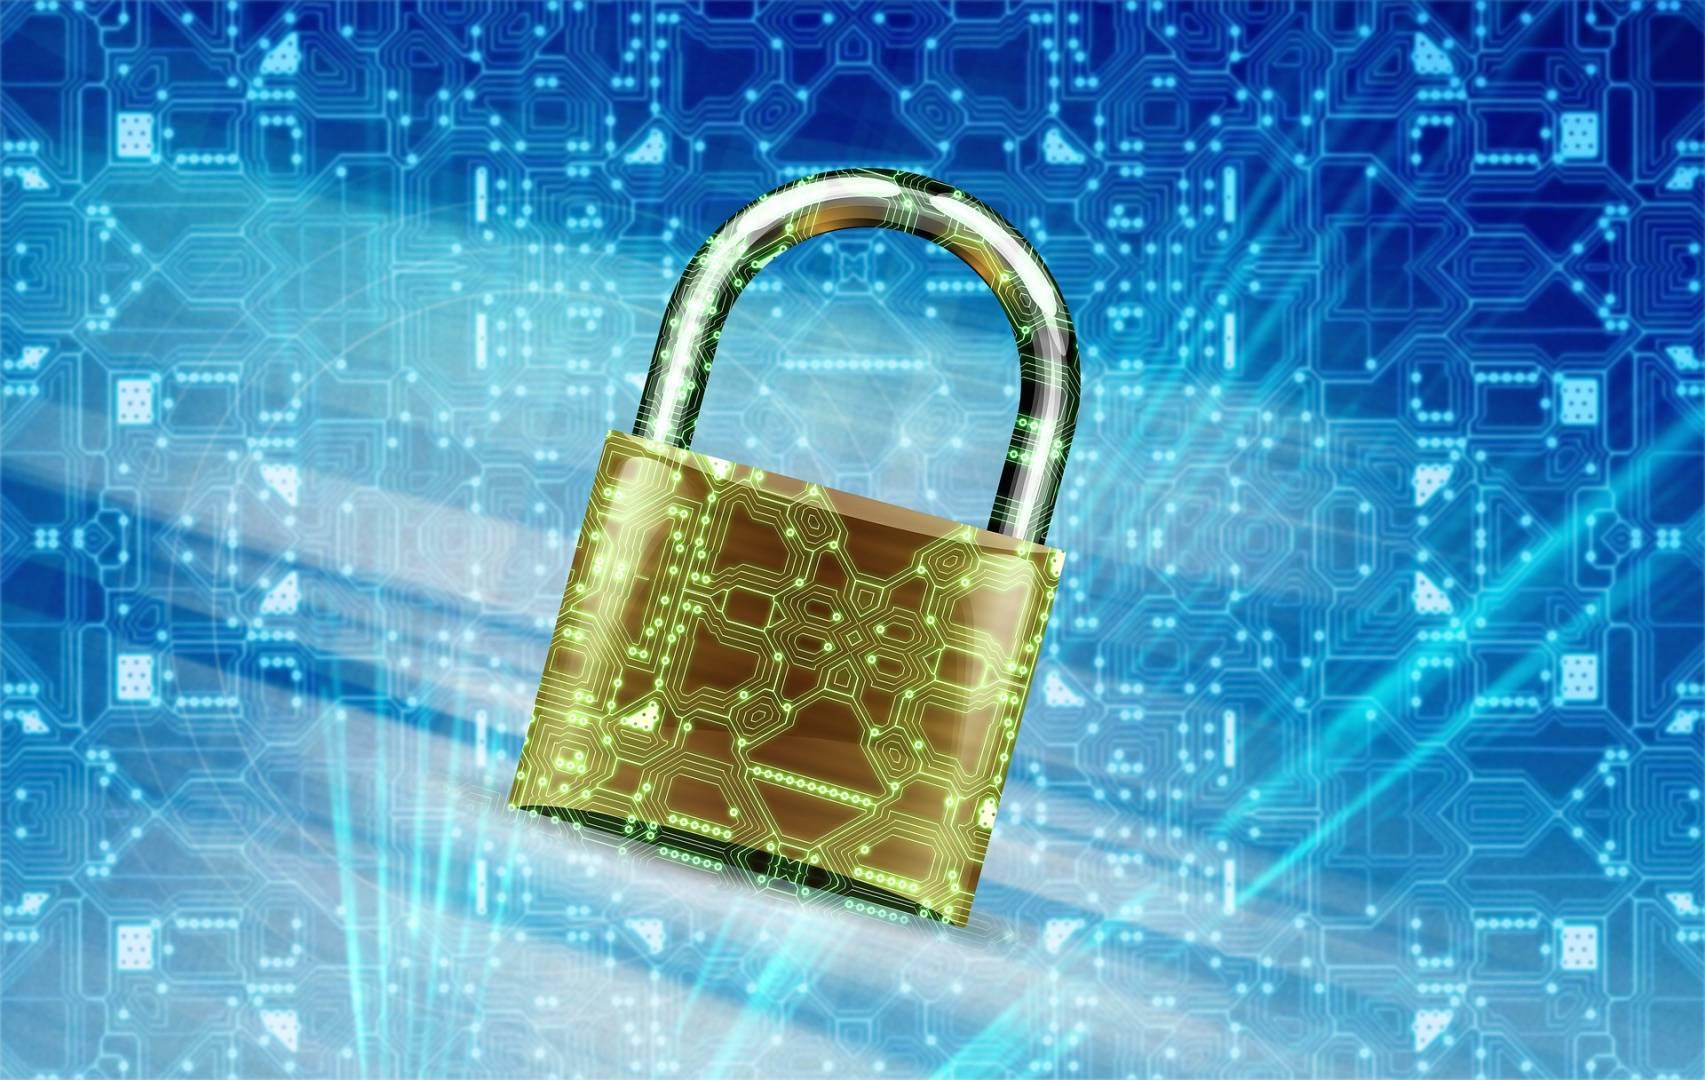 Ελέγχοντας την ασφάλεια του Linux server μου